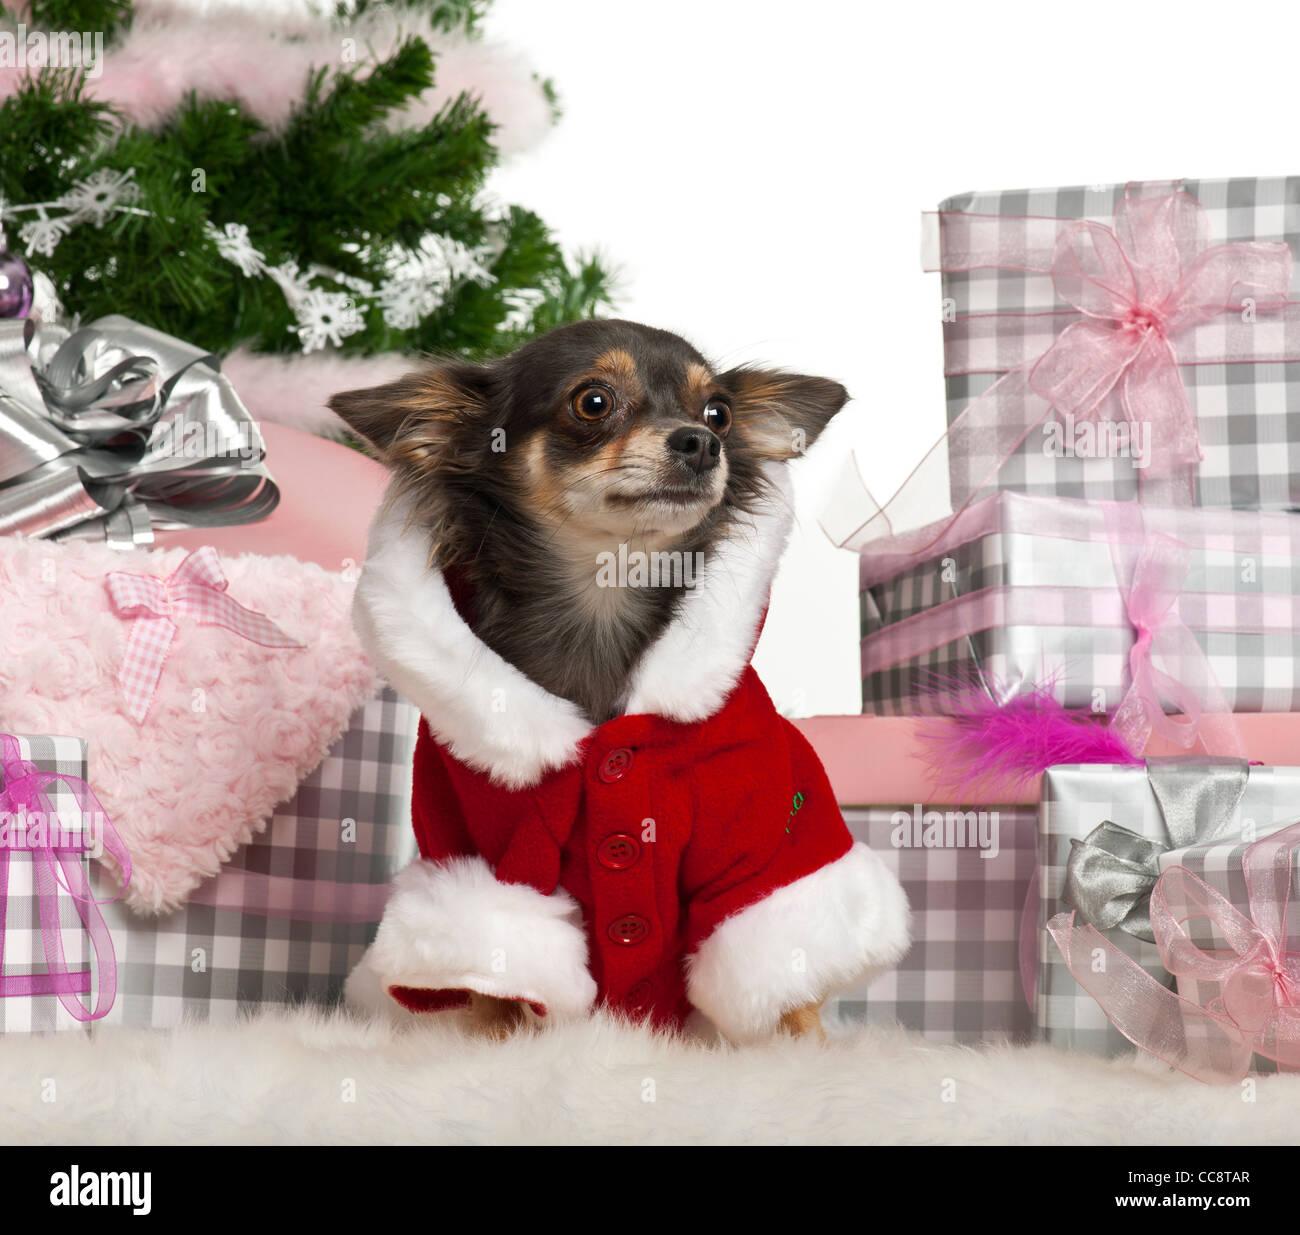 Chihuahua, 1 Jahr alt, in Santa Outfit mit Weihnachtsgeschenken vor ...